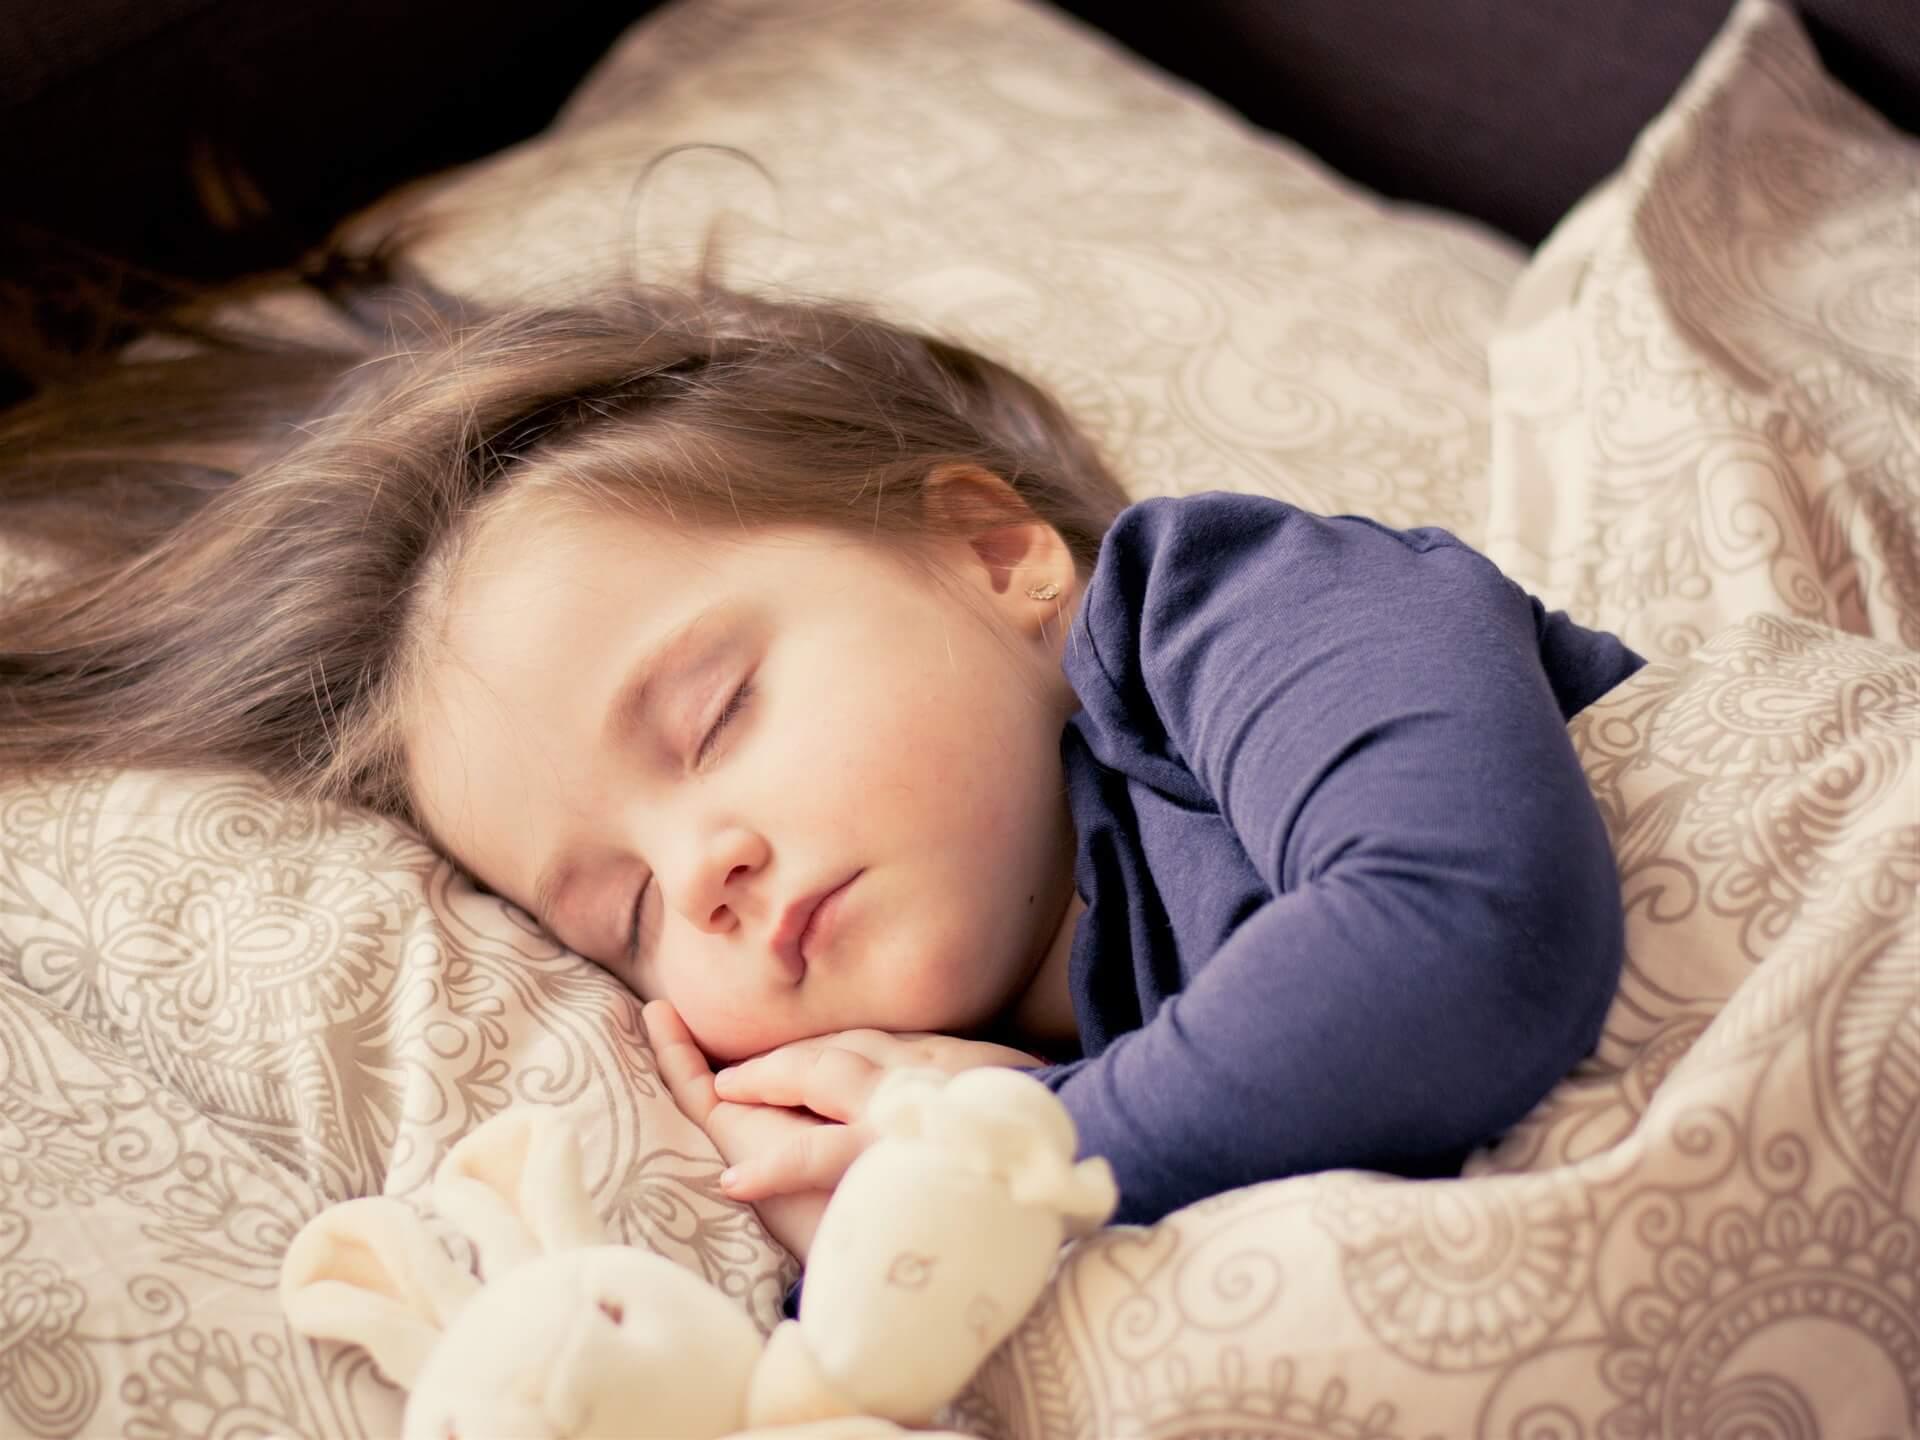 ハクビシン被害を解決して安心して眠る子ども